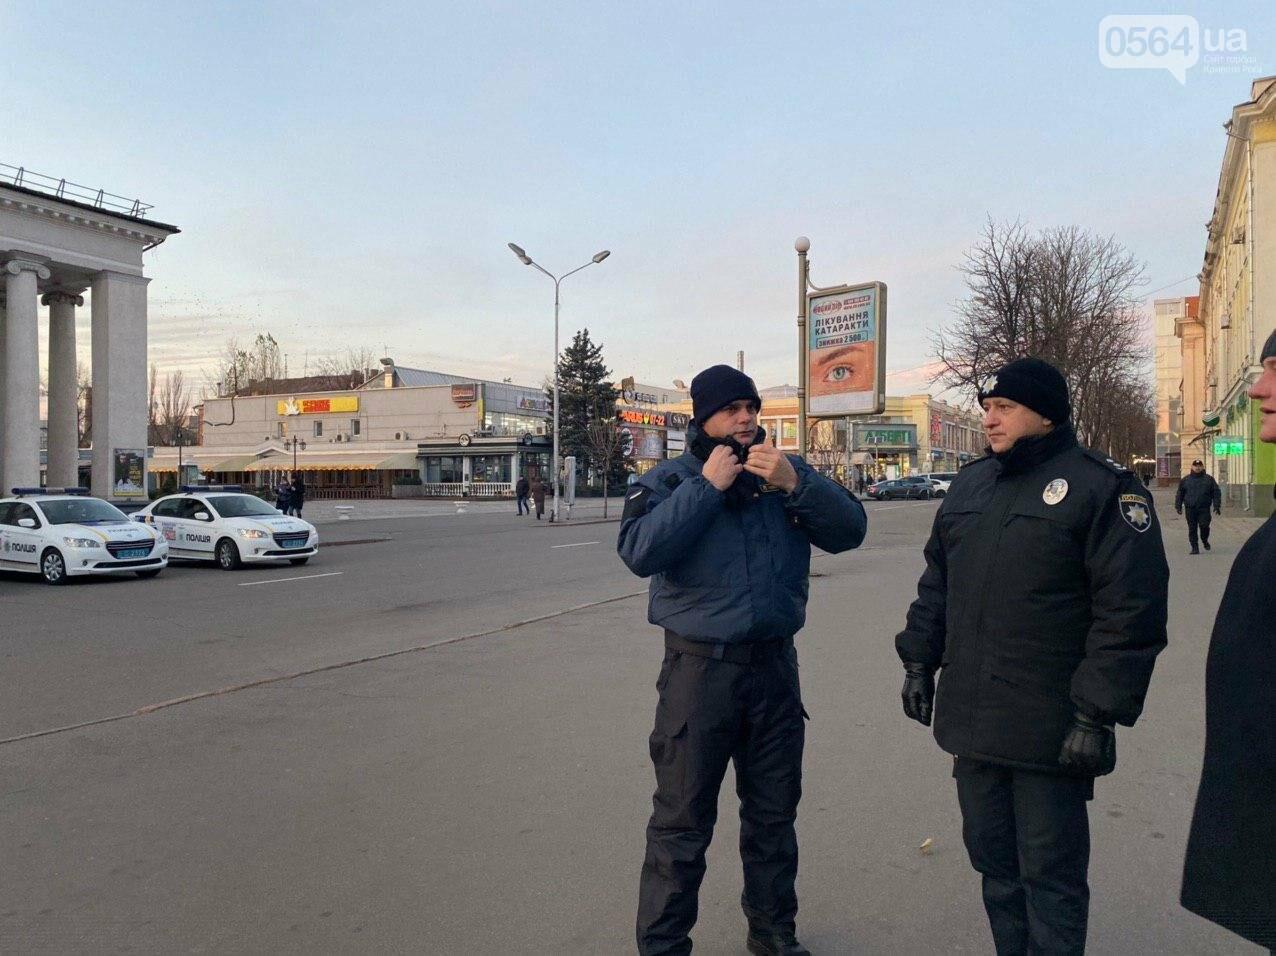 """""""Криворожане будут чувствовать себя в большей безопасности"""": в Центрально-Городском районе начались патрулирования, - ФОТО, ВИДЕО , фото-3"""